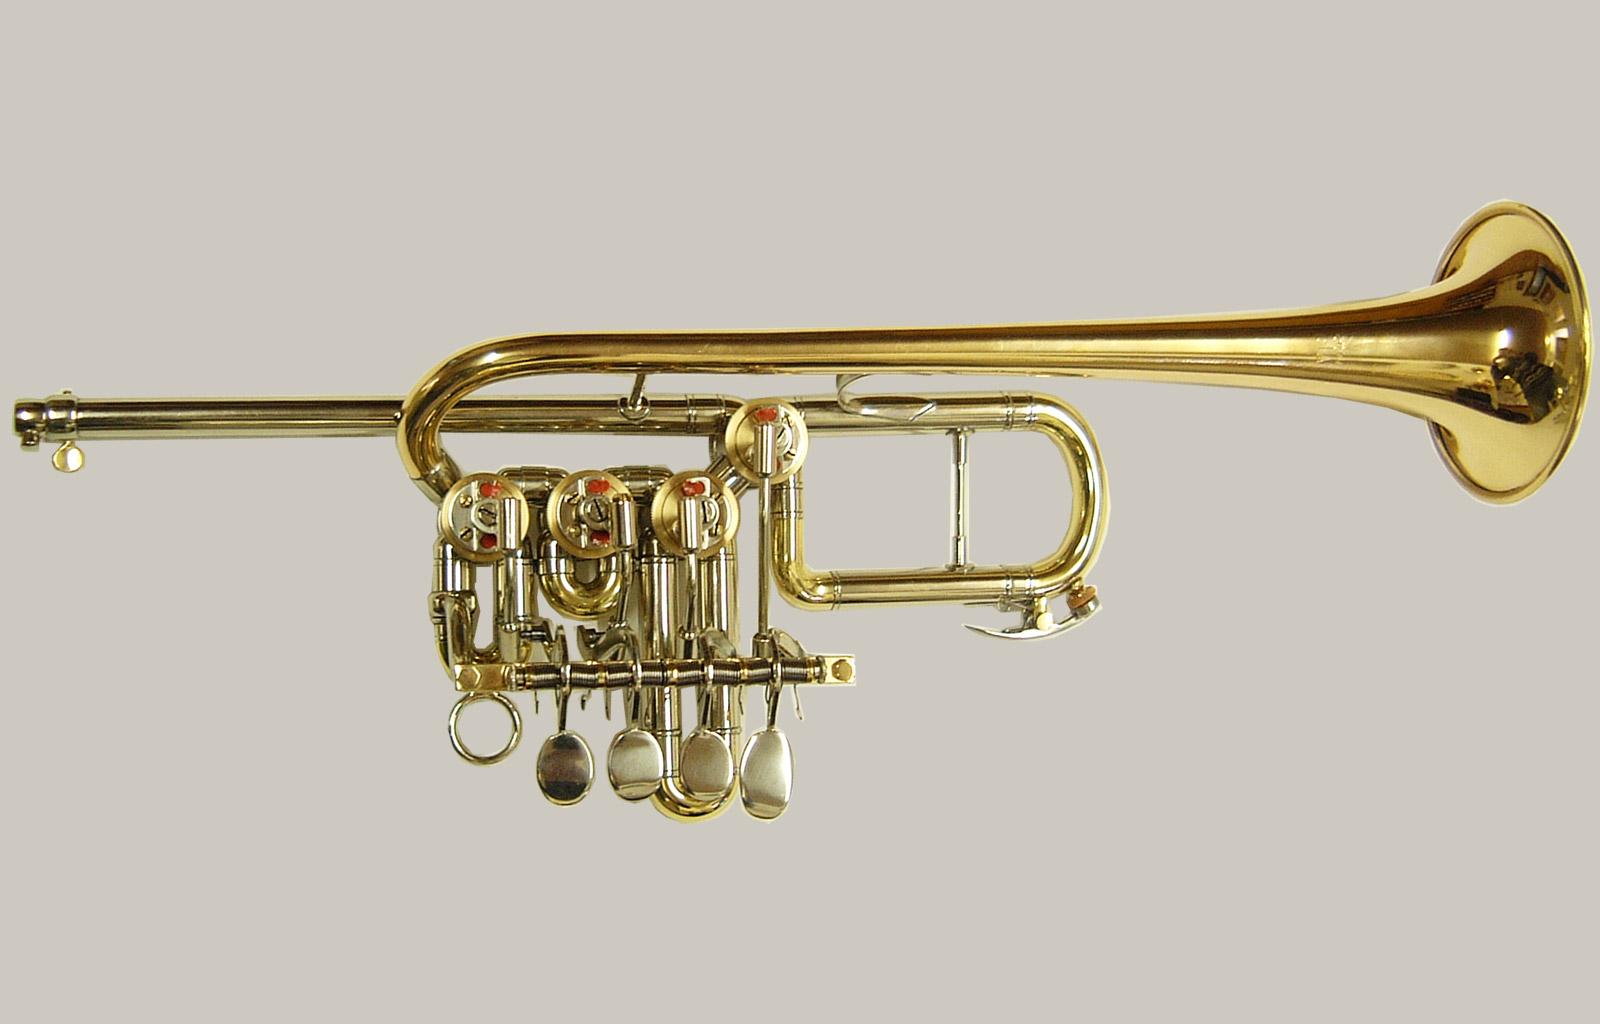 Hoch-G-trompete